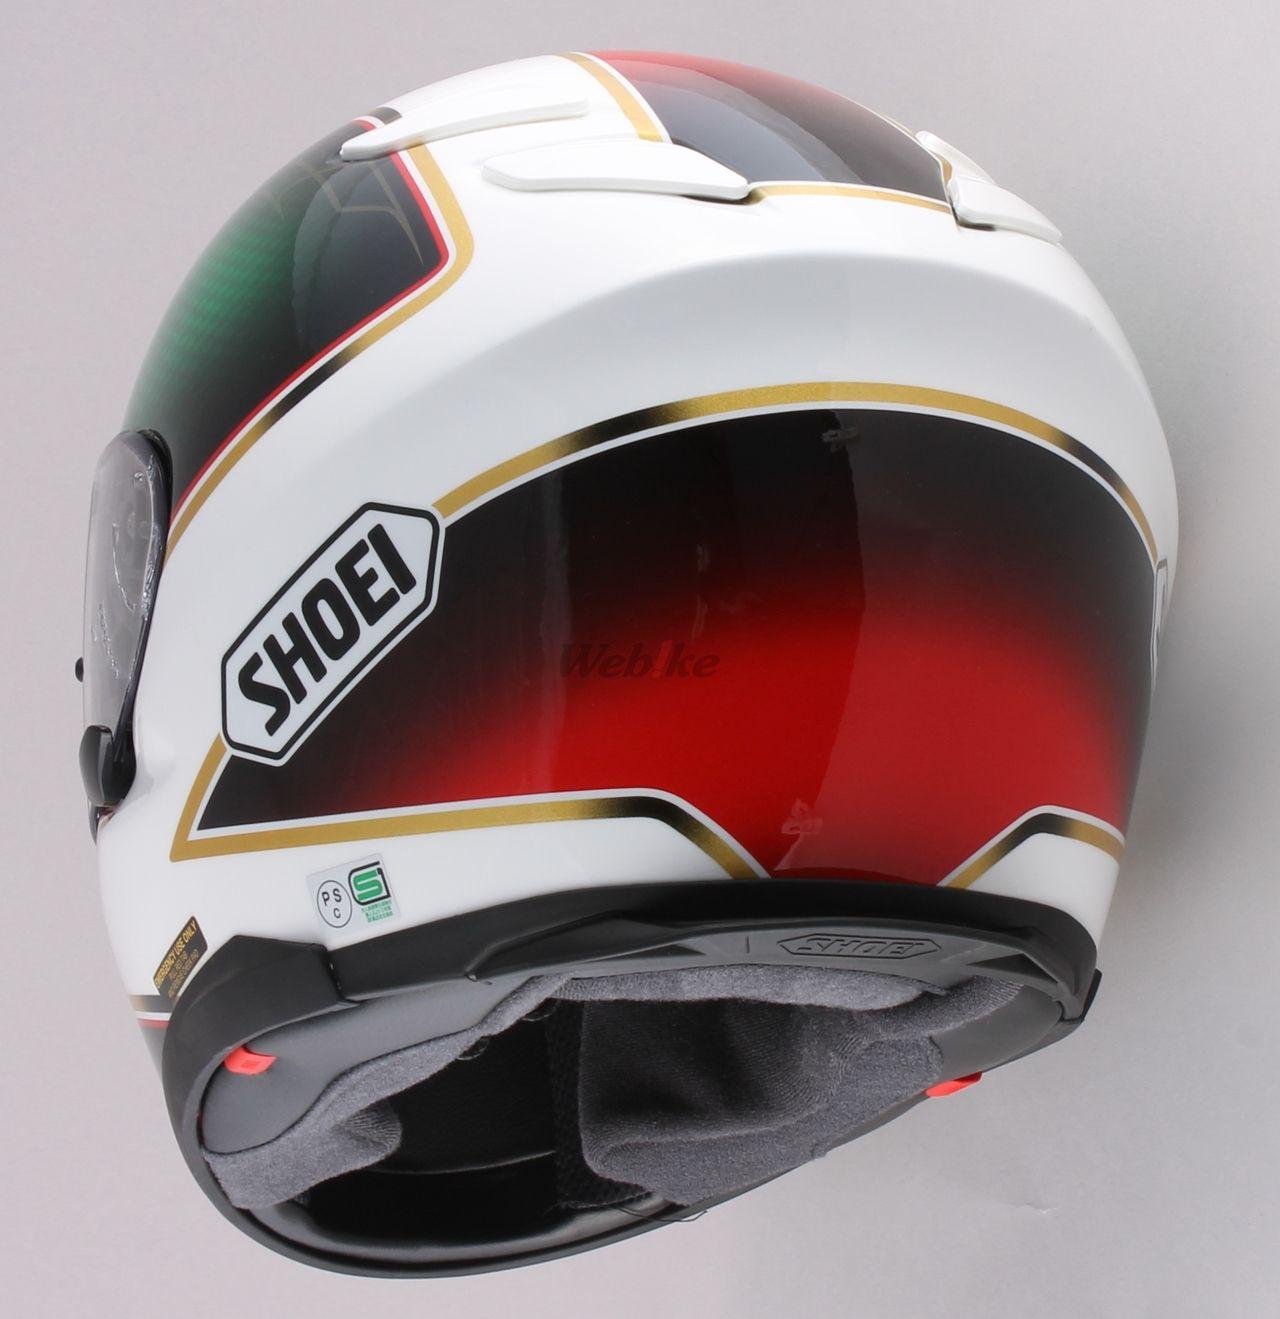 shoei xr 1100 skeet helmet size m 57cm ebay. Black Bedroom Furniture Sets. Home Design Ideas